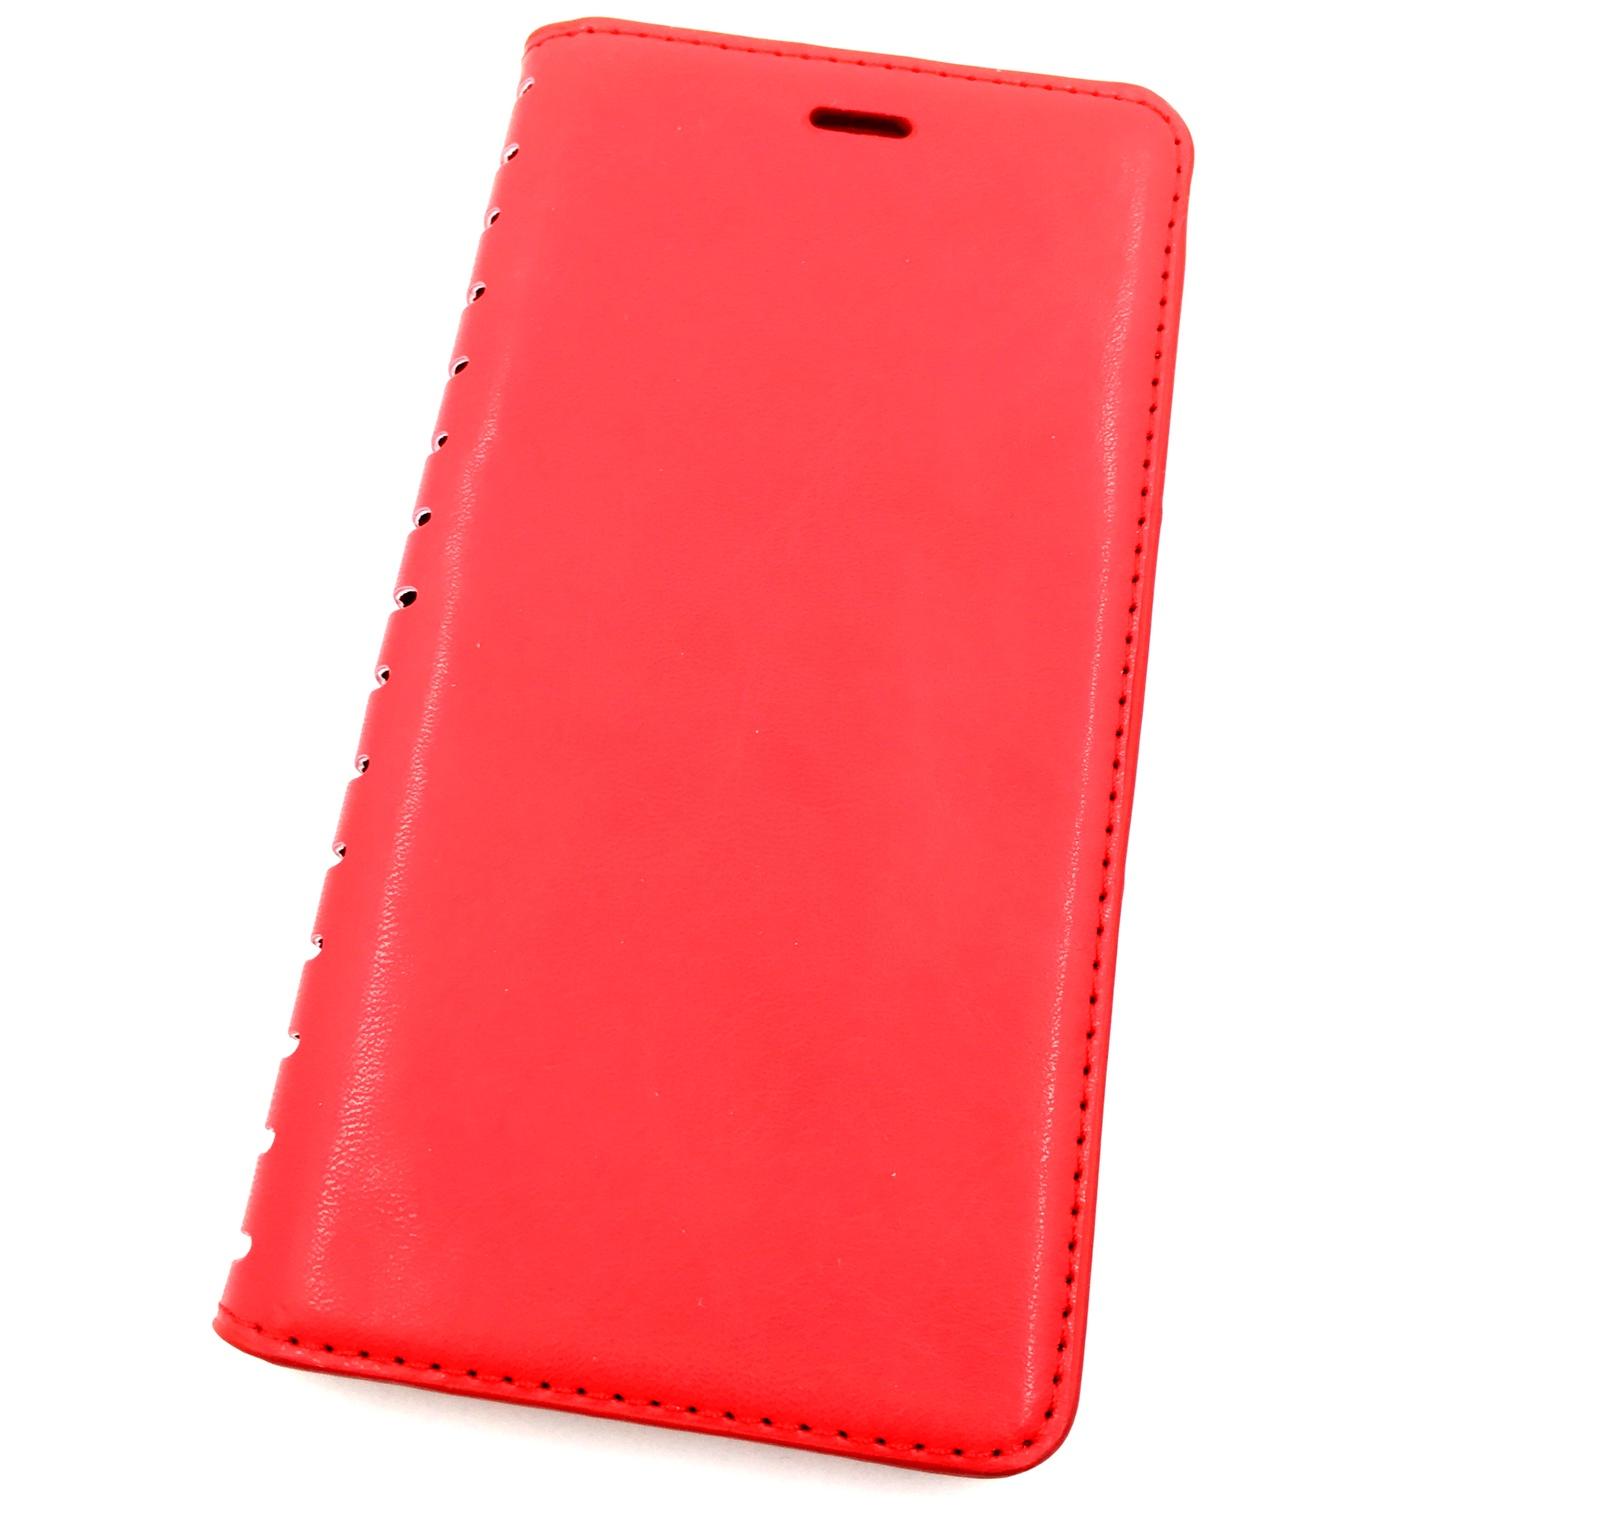 Чехол для сотового телефона Мобильная мода Xiaomi Mi Note Чехол-книжка силиконовая с отделом для карт QUINS, красный